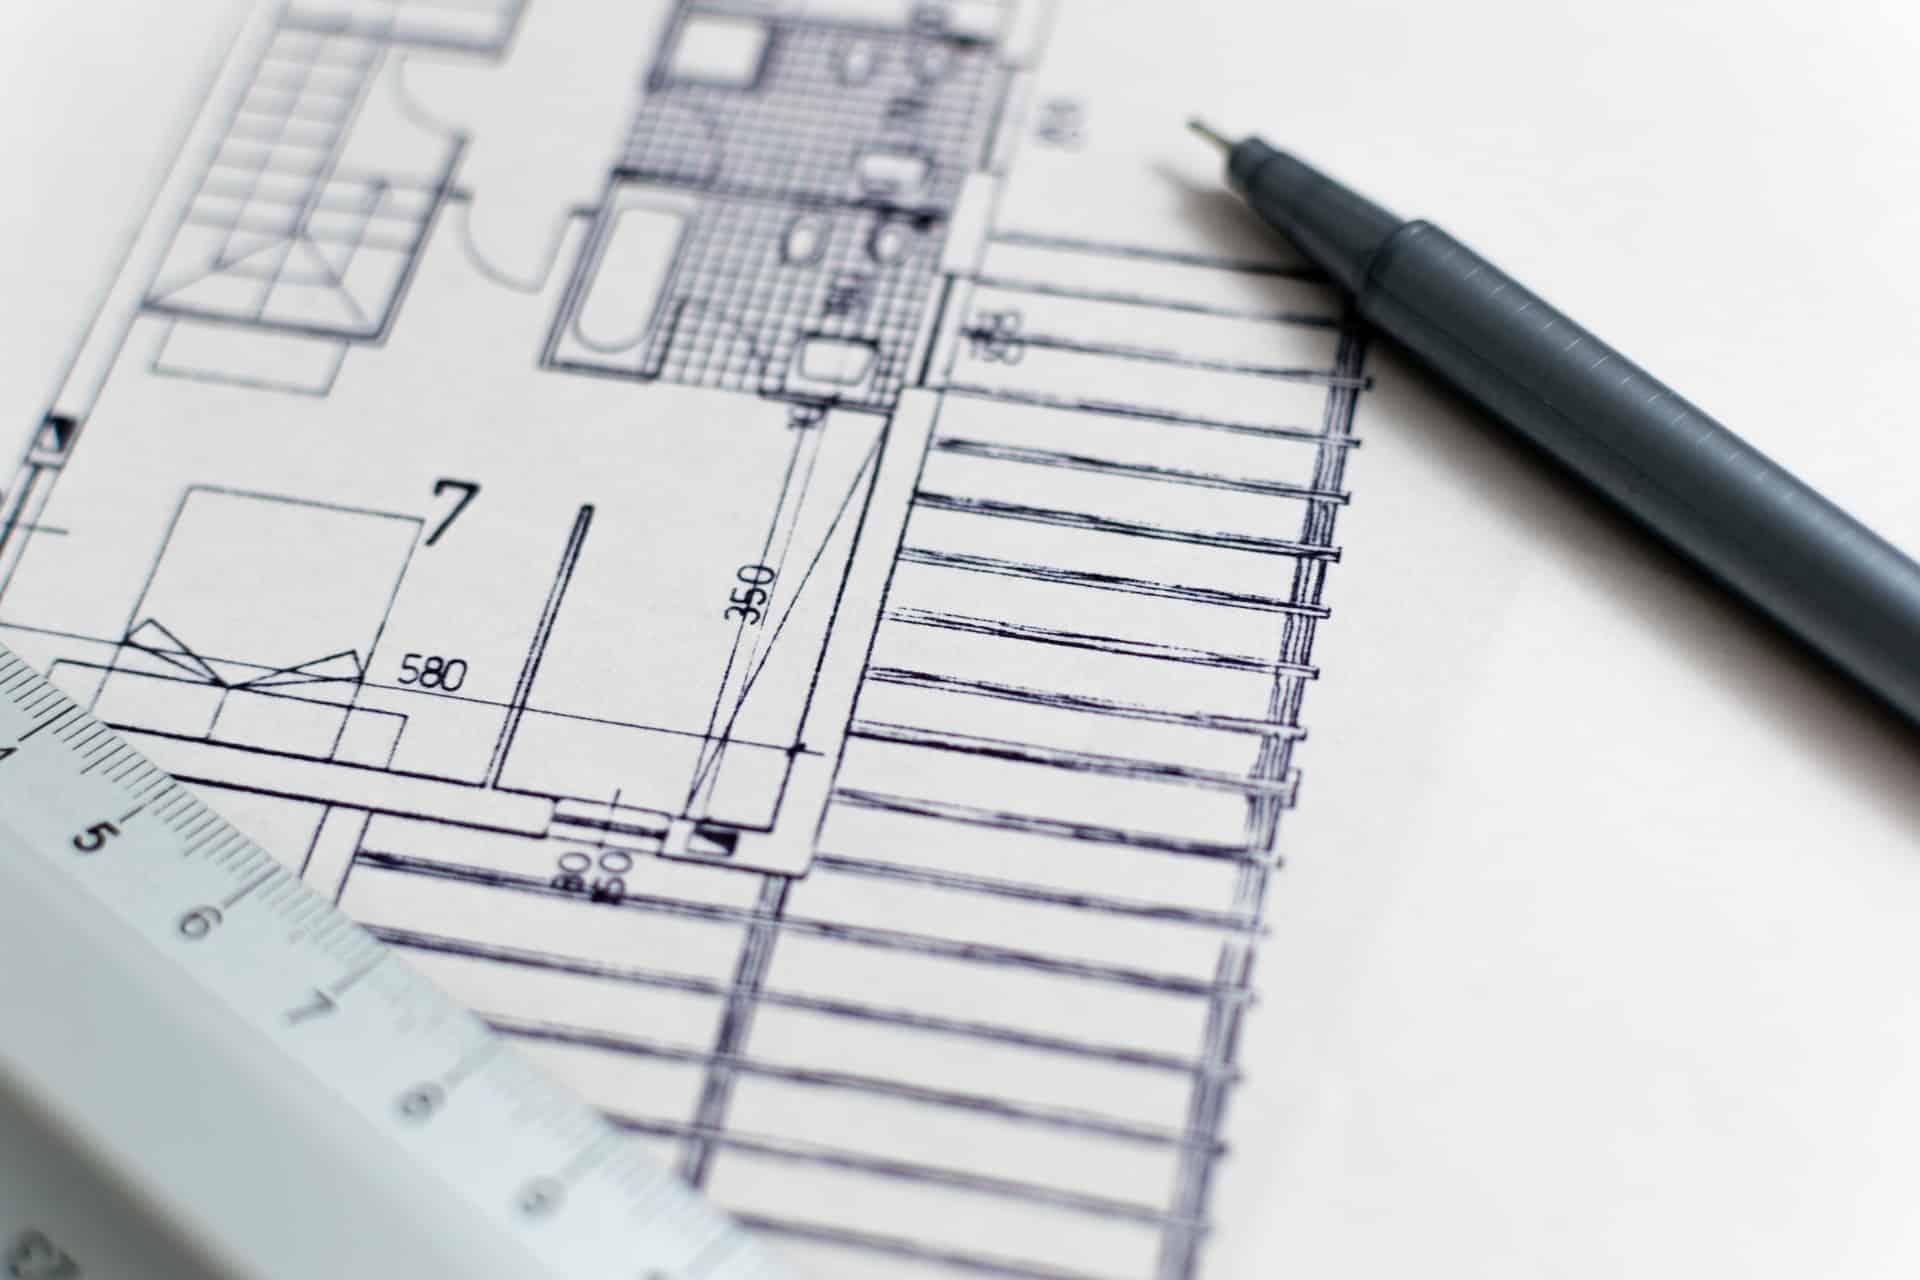 ביקורת מהנדס בדק בית